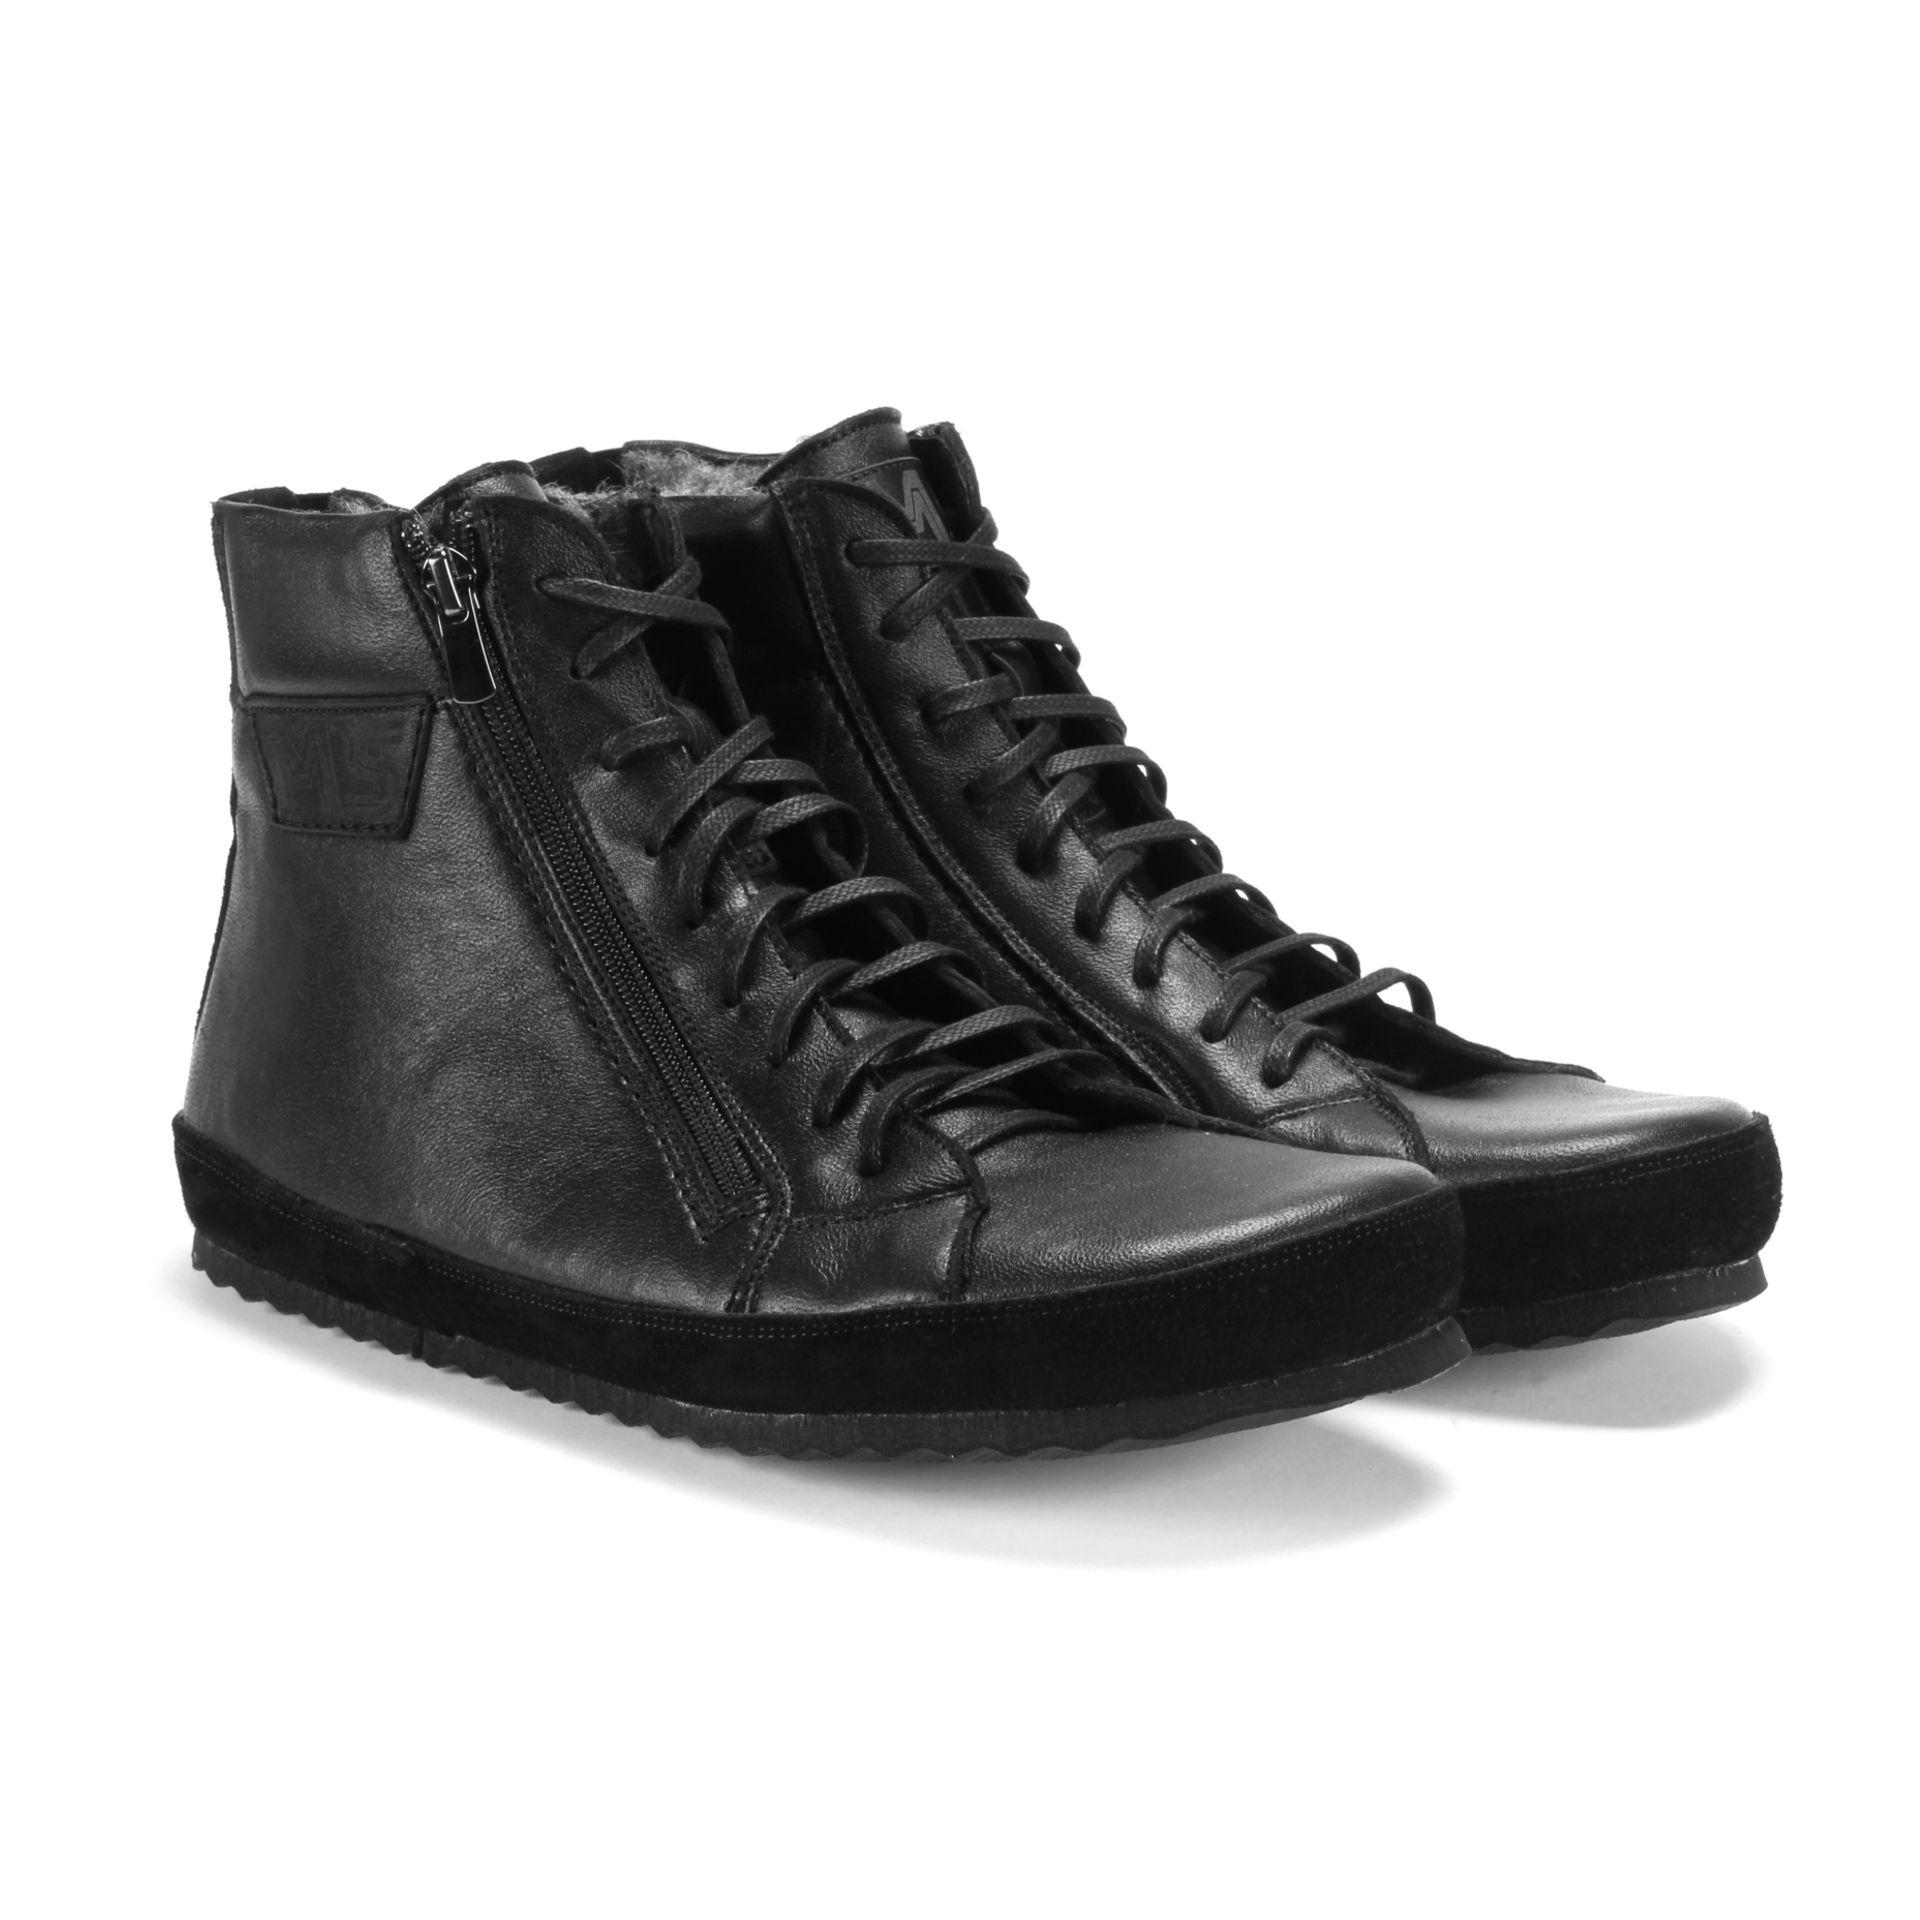 Zimowe Skorzane Buty Minimalistyczne Magical Shoes Alaskan Polski Producent Obuwia Minimalistycznego Skorzane Buty Minima Barefoot Boots Barefoot Shoes Shoes